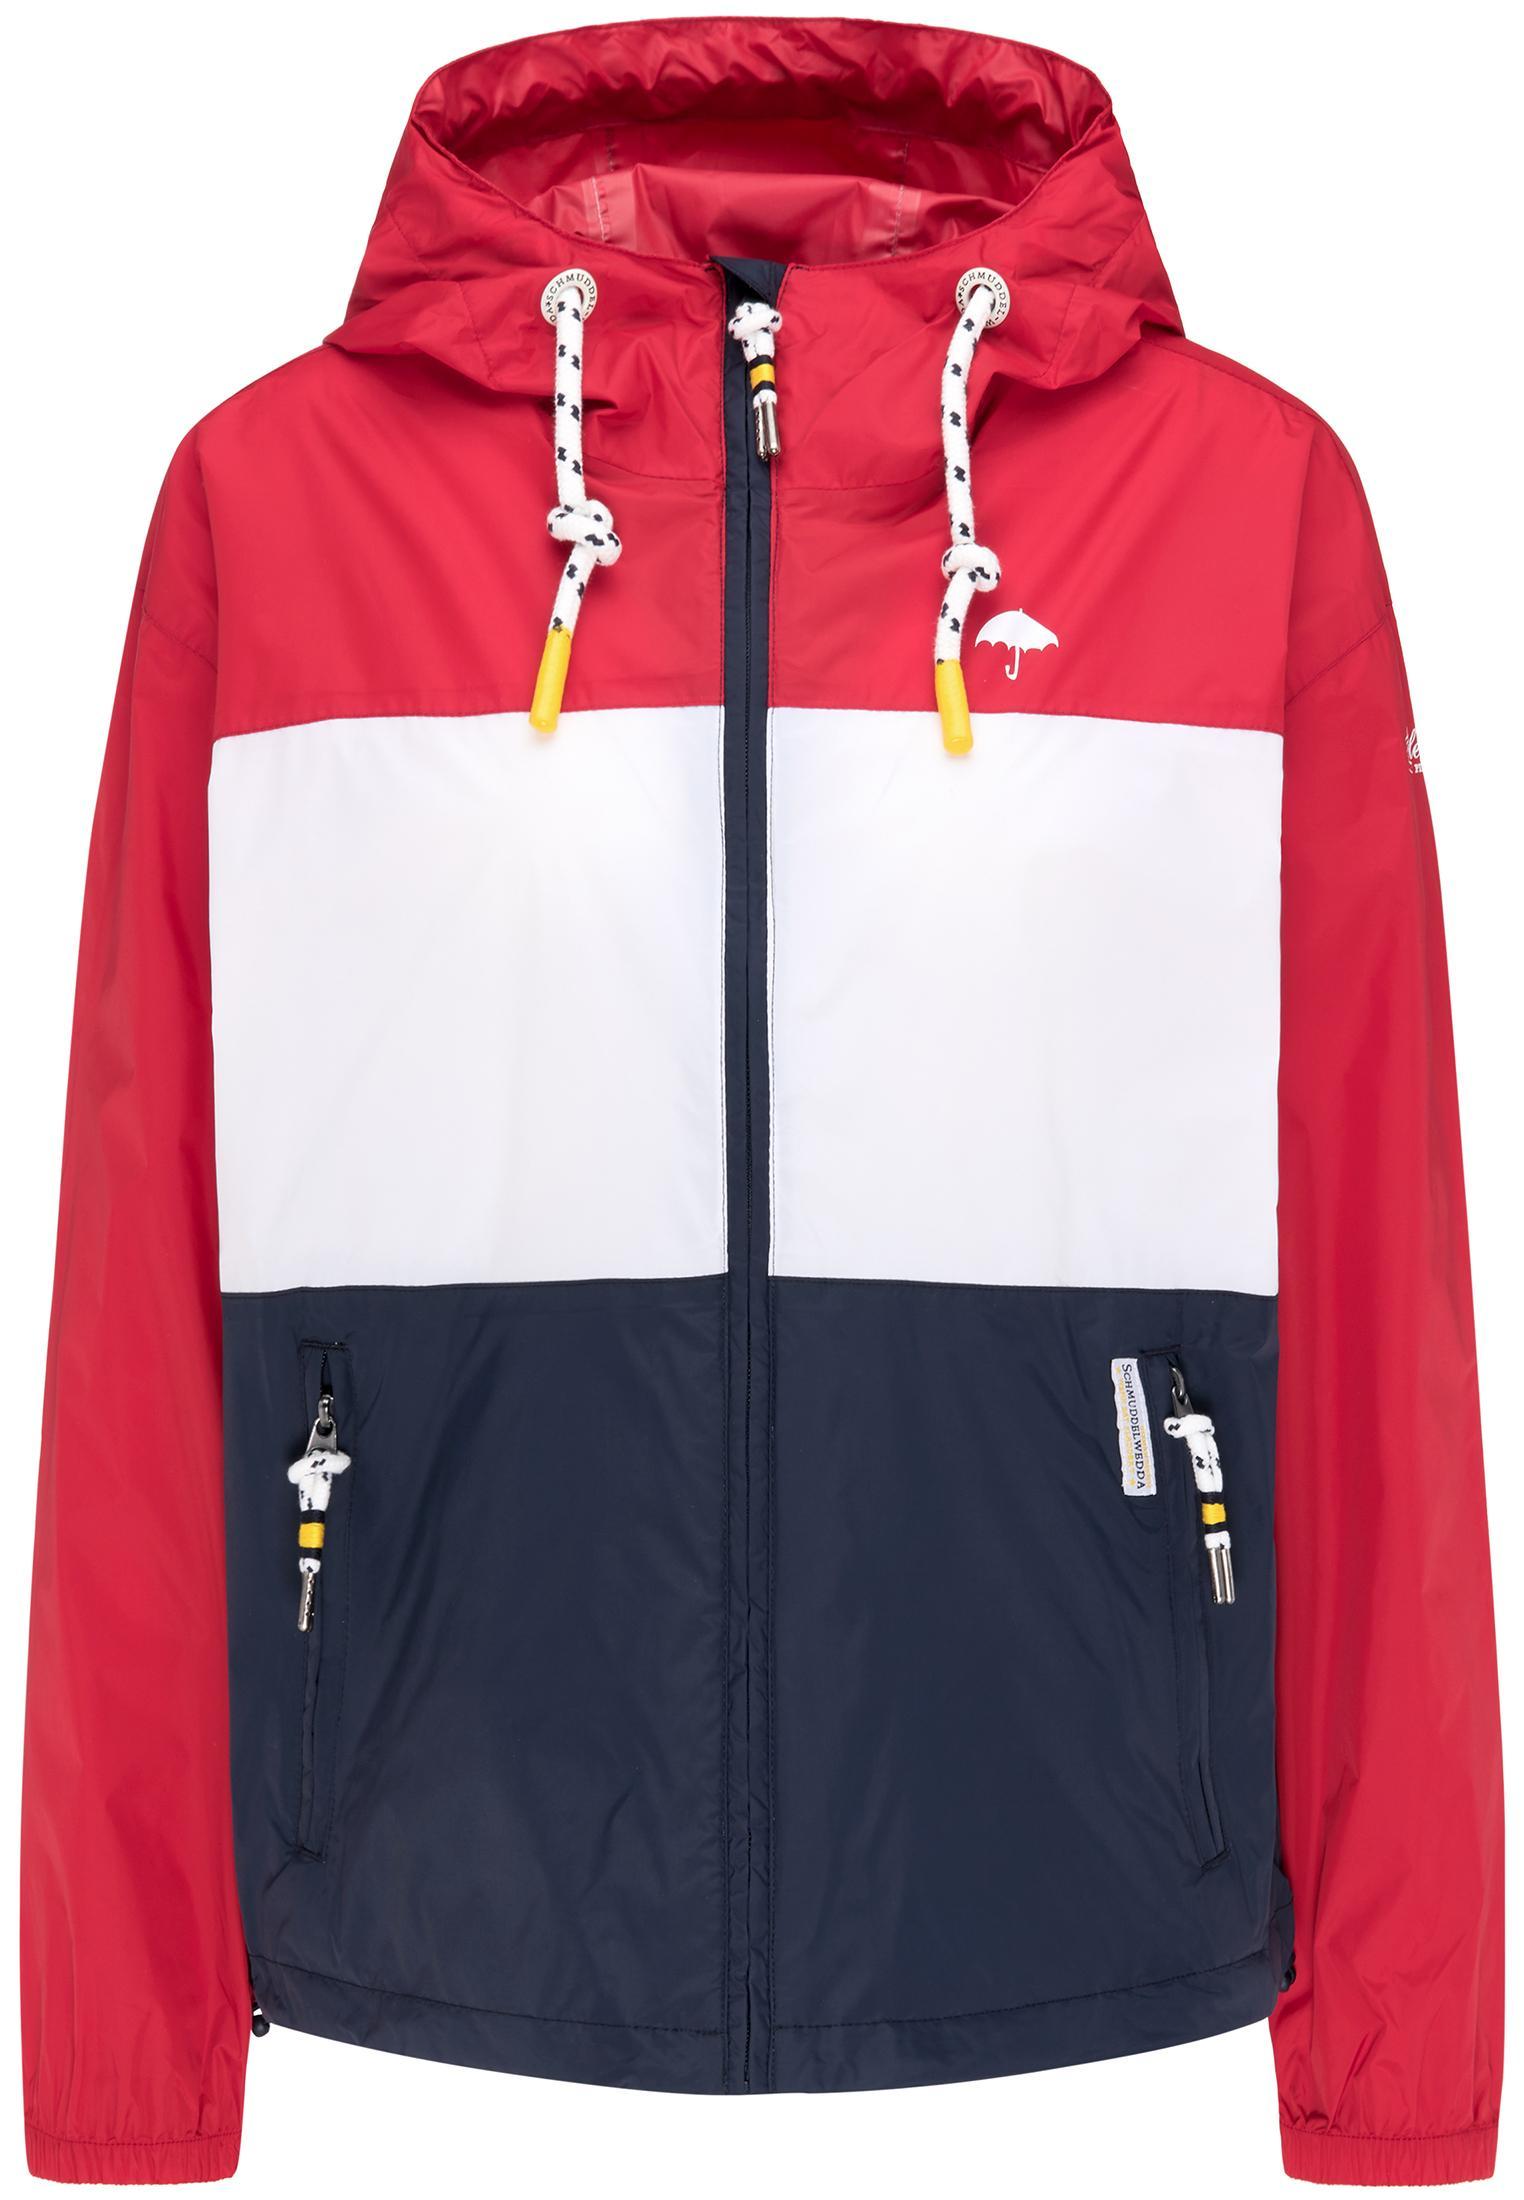 schmuddelwedda kurzjacke damen rot c block im online shop von sportscheck kaufen  bekleidung damen jacken c 1_7 #12